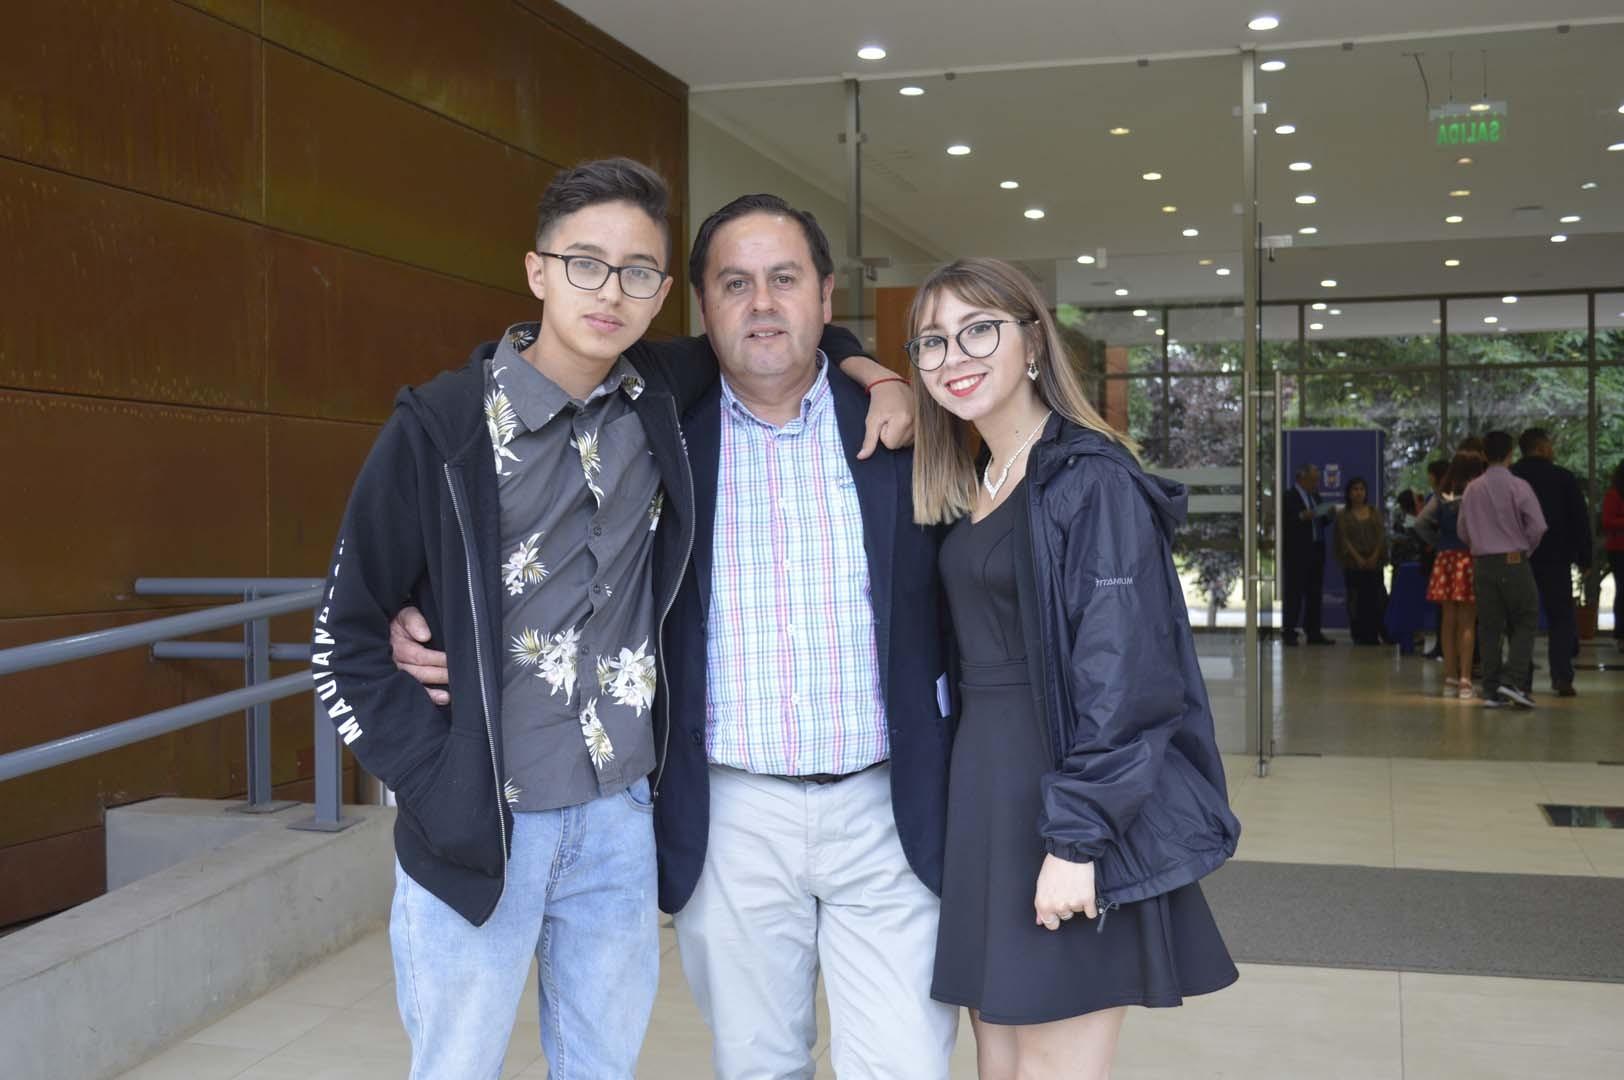 Sebastián Vásquez, Juan Vásquez y Carla Vásquez